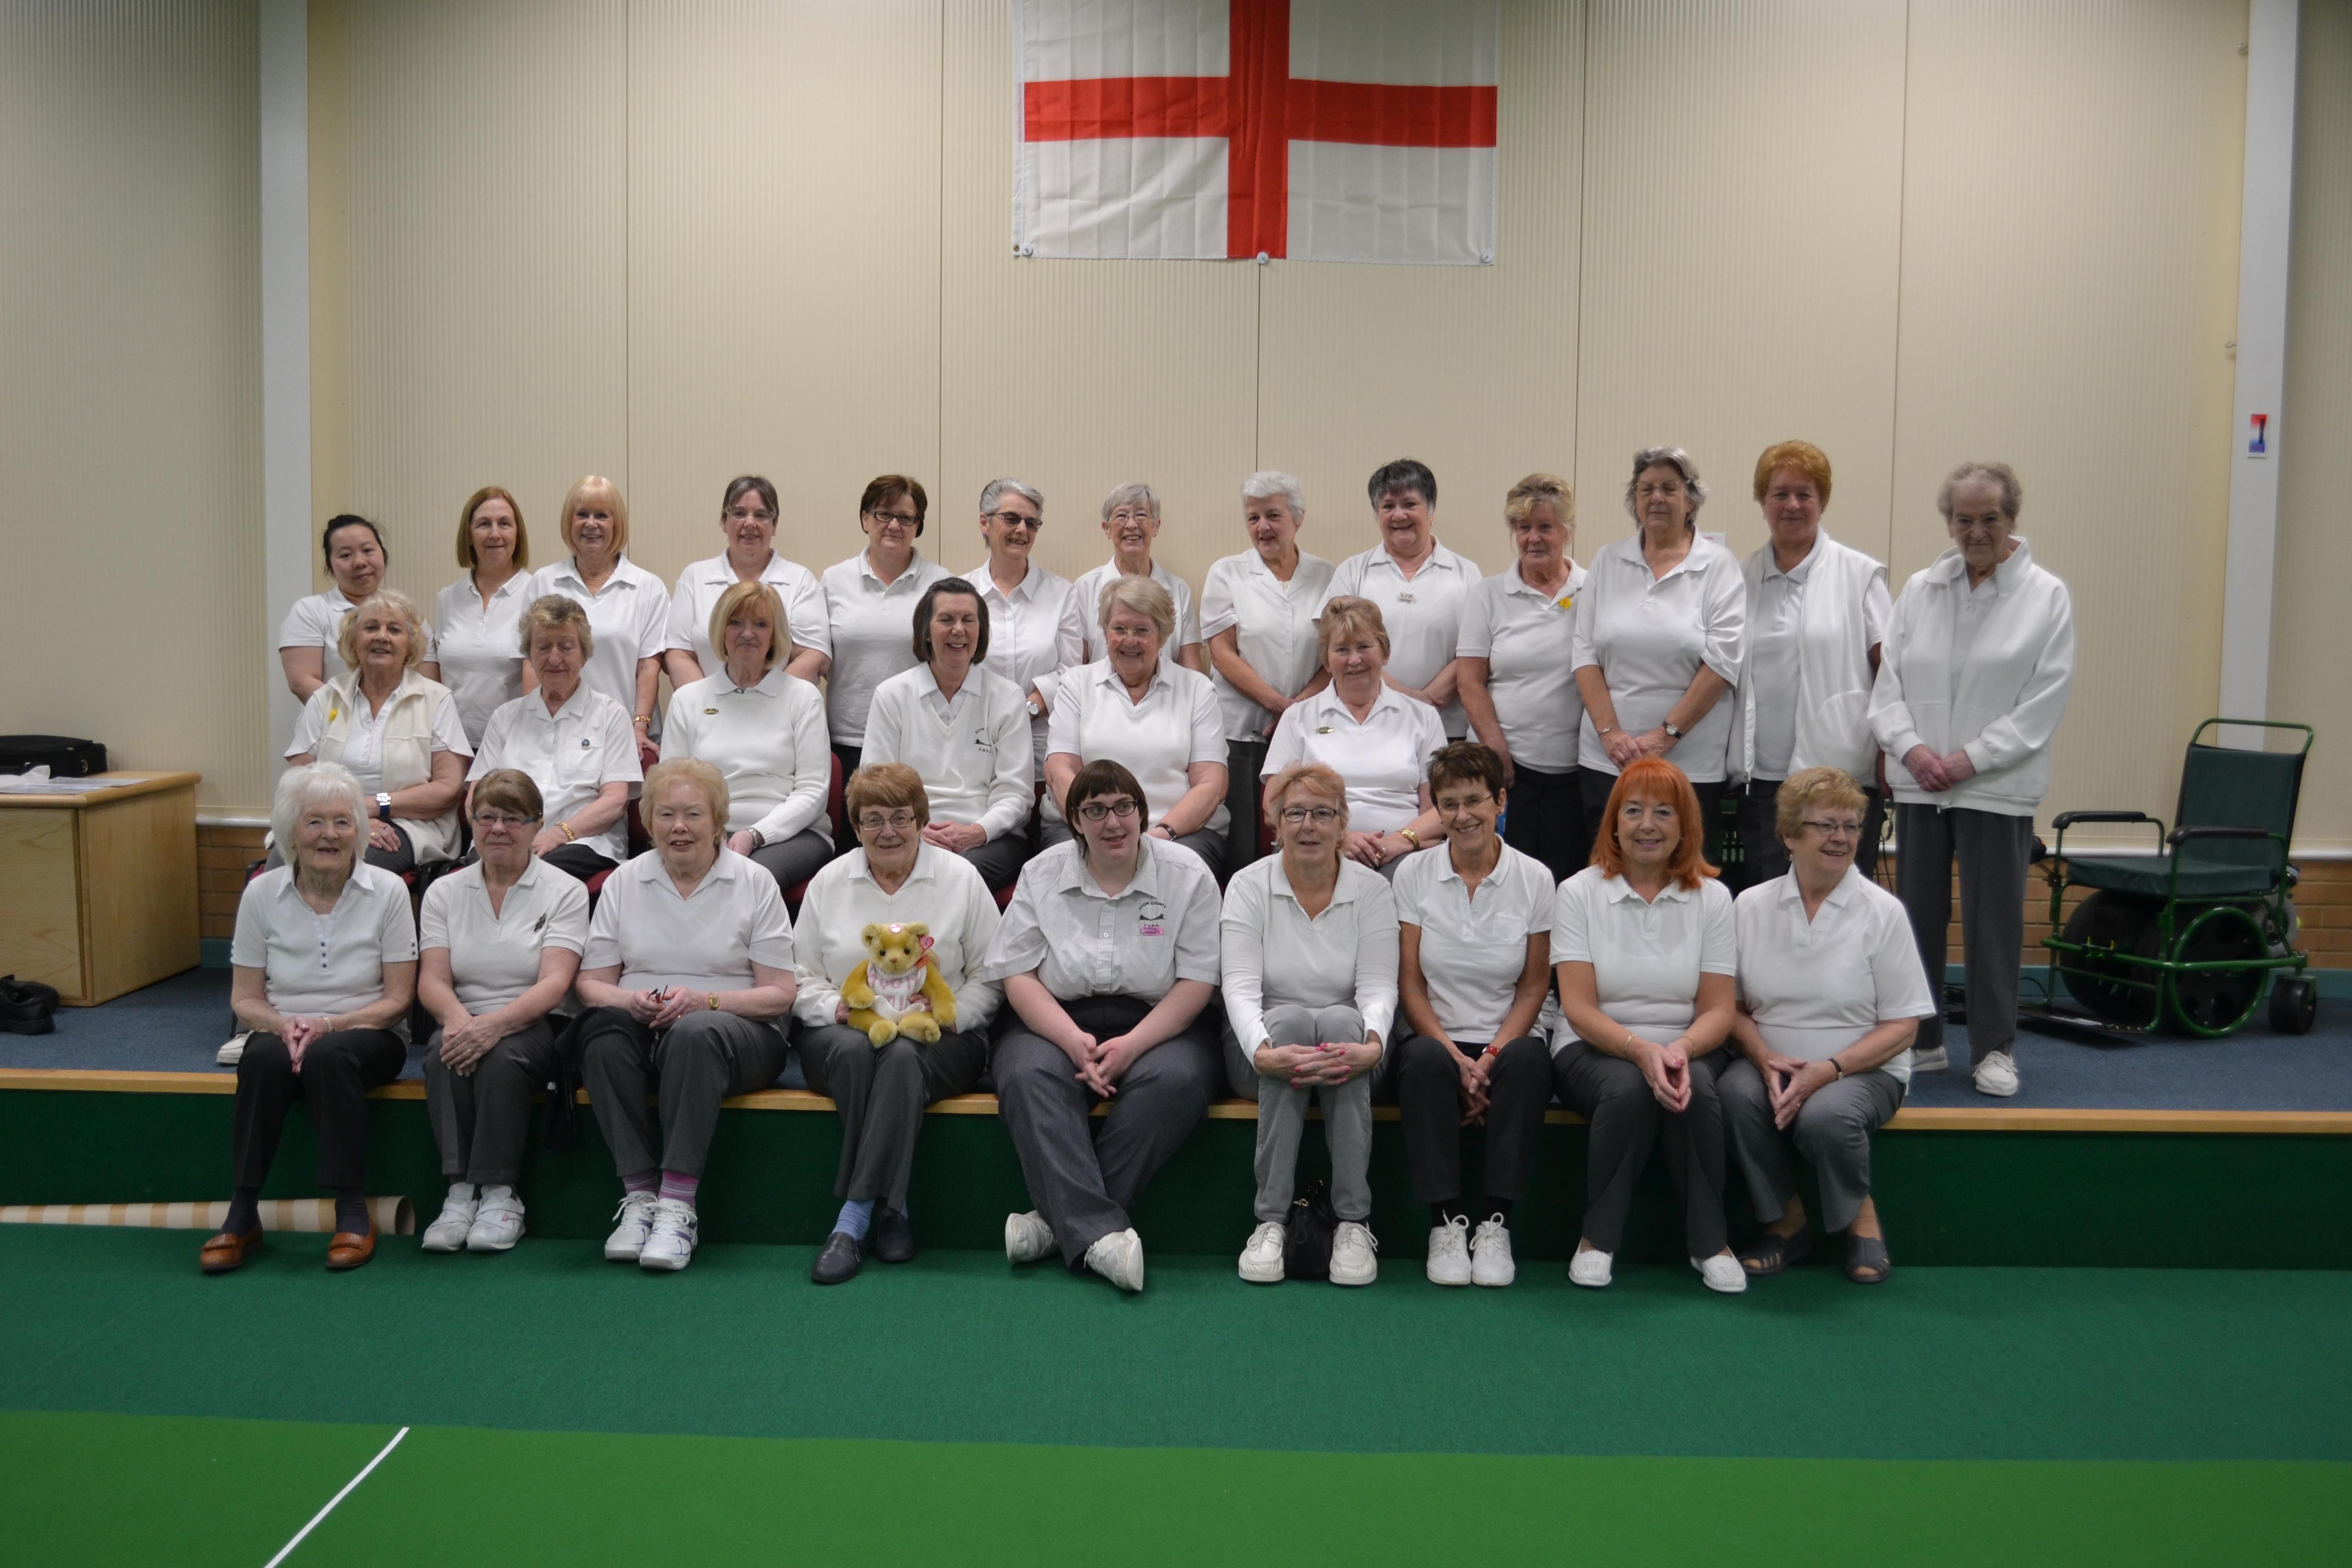 Avon Ladies Team